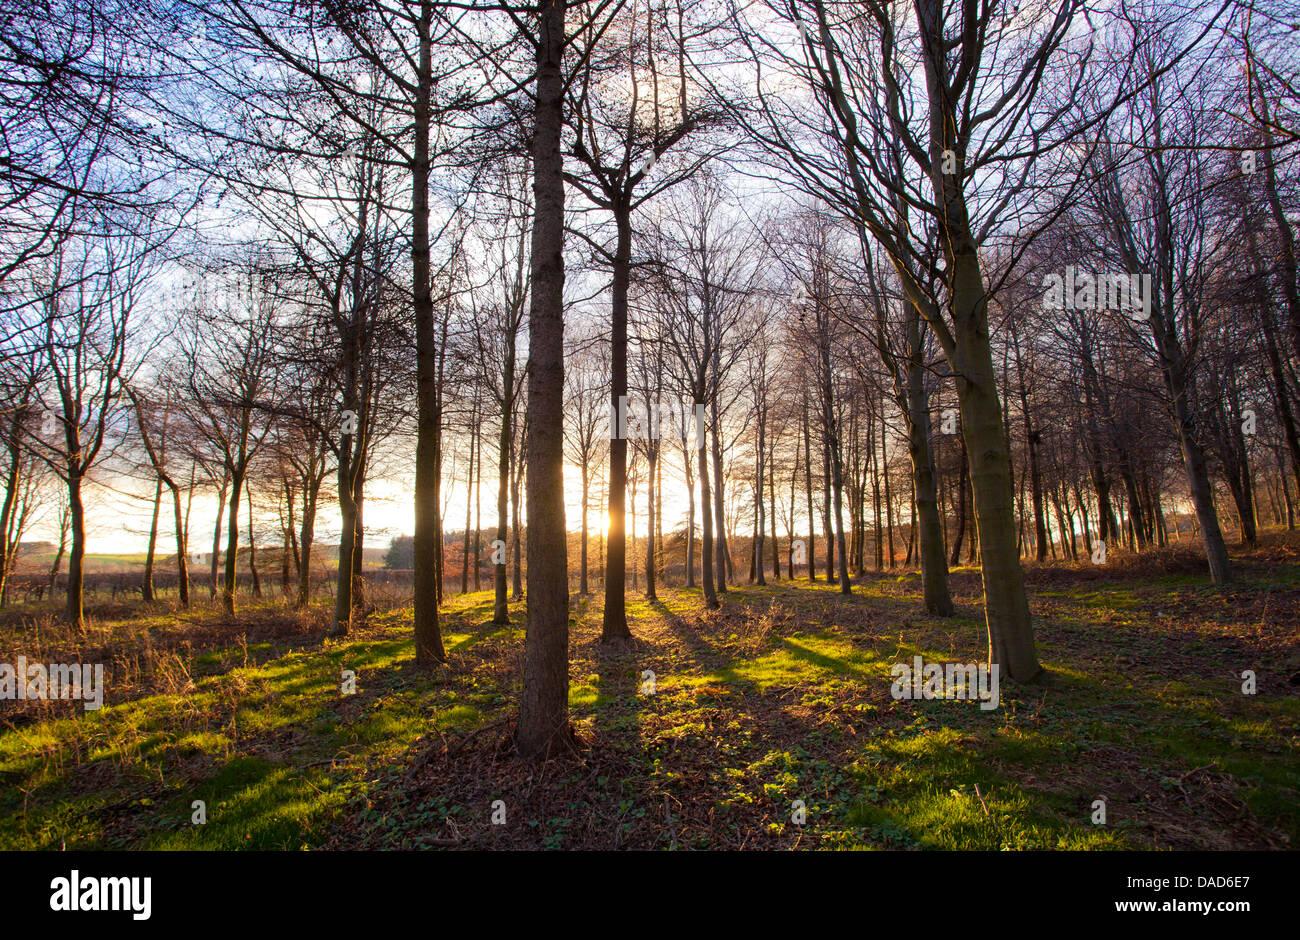 Bois d'hiver par le contre-jour fin d'après-midi, Longhoughton, près de Alnwick, Northumberland, Angleterre, Royaume-Uni, Europe Banque D'Images